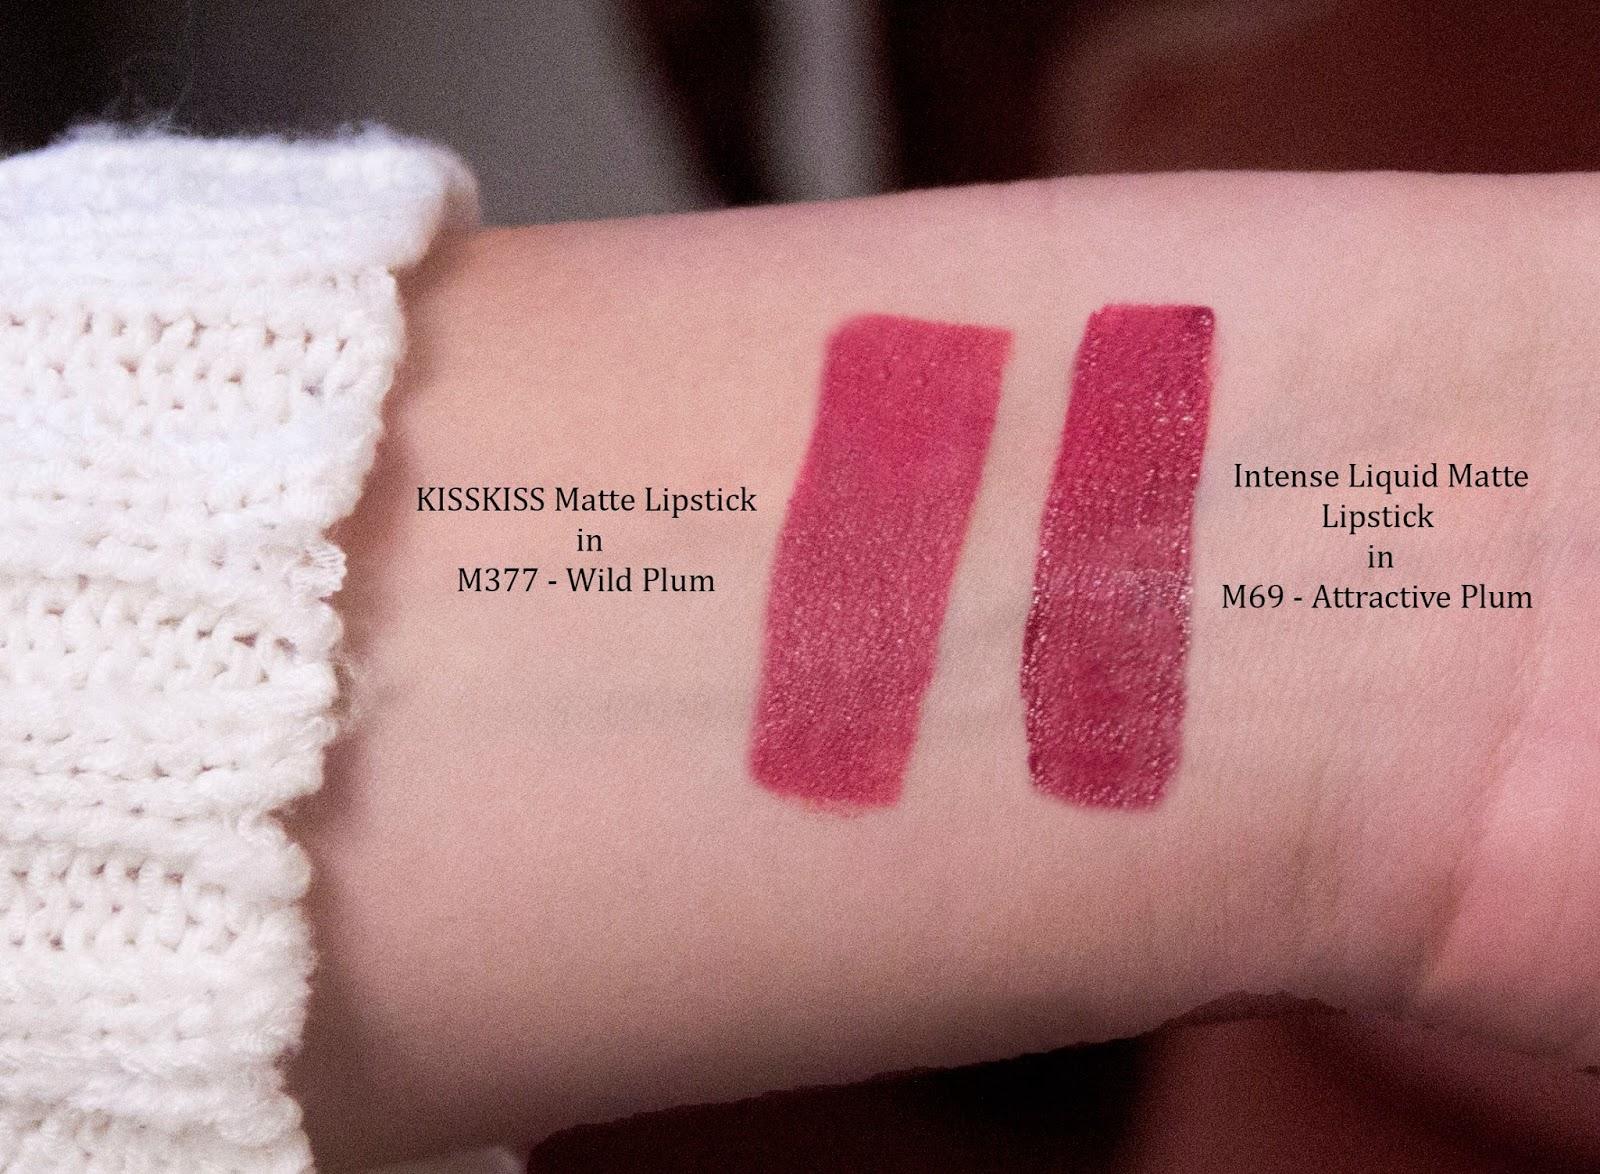 guerlain kiss kiss matte lipstick | Lipstick, Guerlain